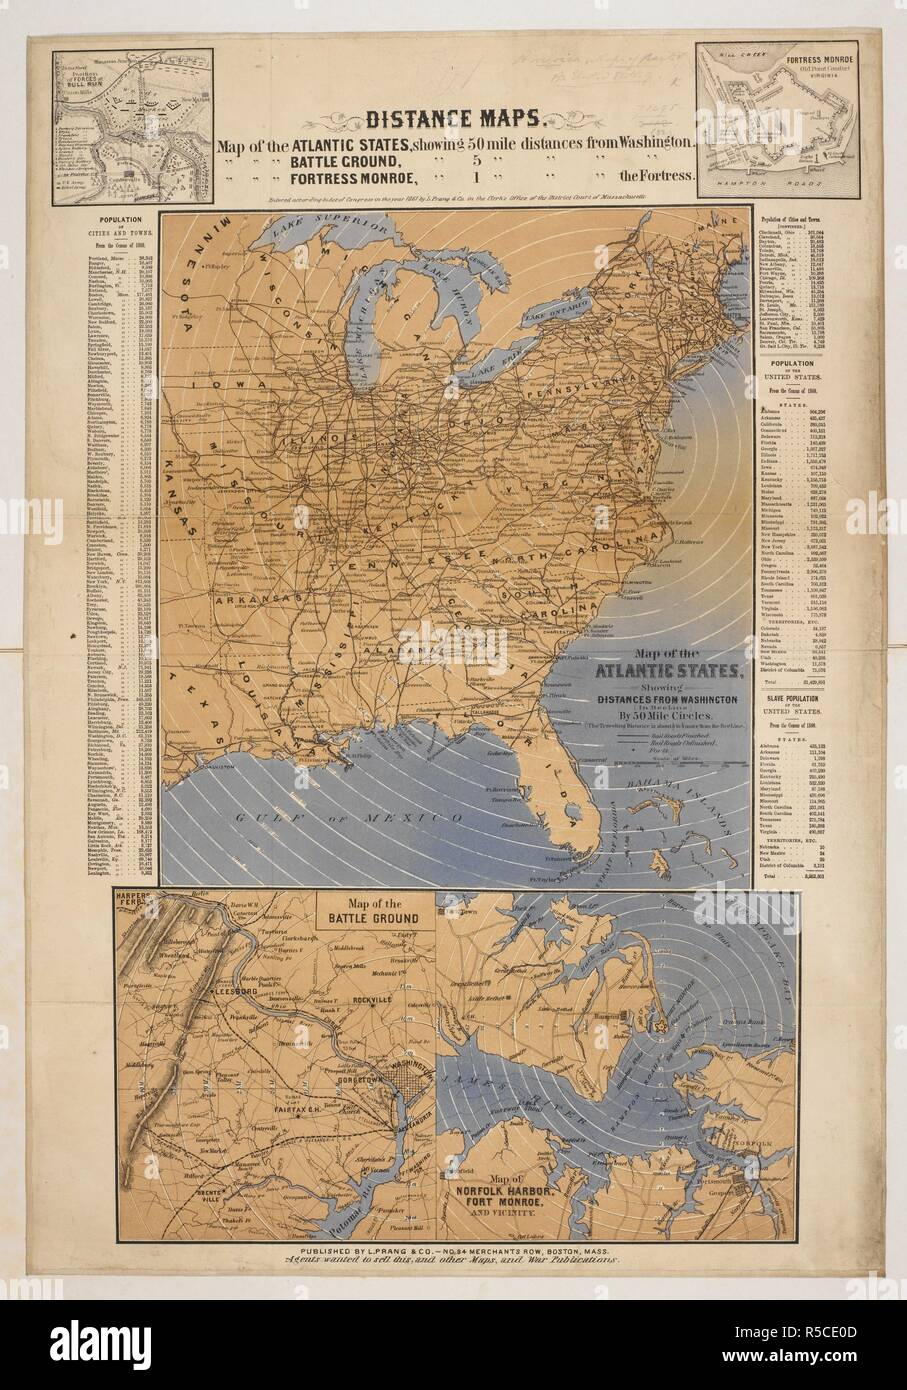 Eine Karte Der Atlantischen Staaten Von Nordamerika Karte Der Atlantischen Staaten 50 Km Entfernungen Von Washington